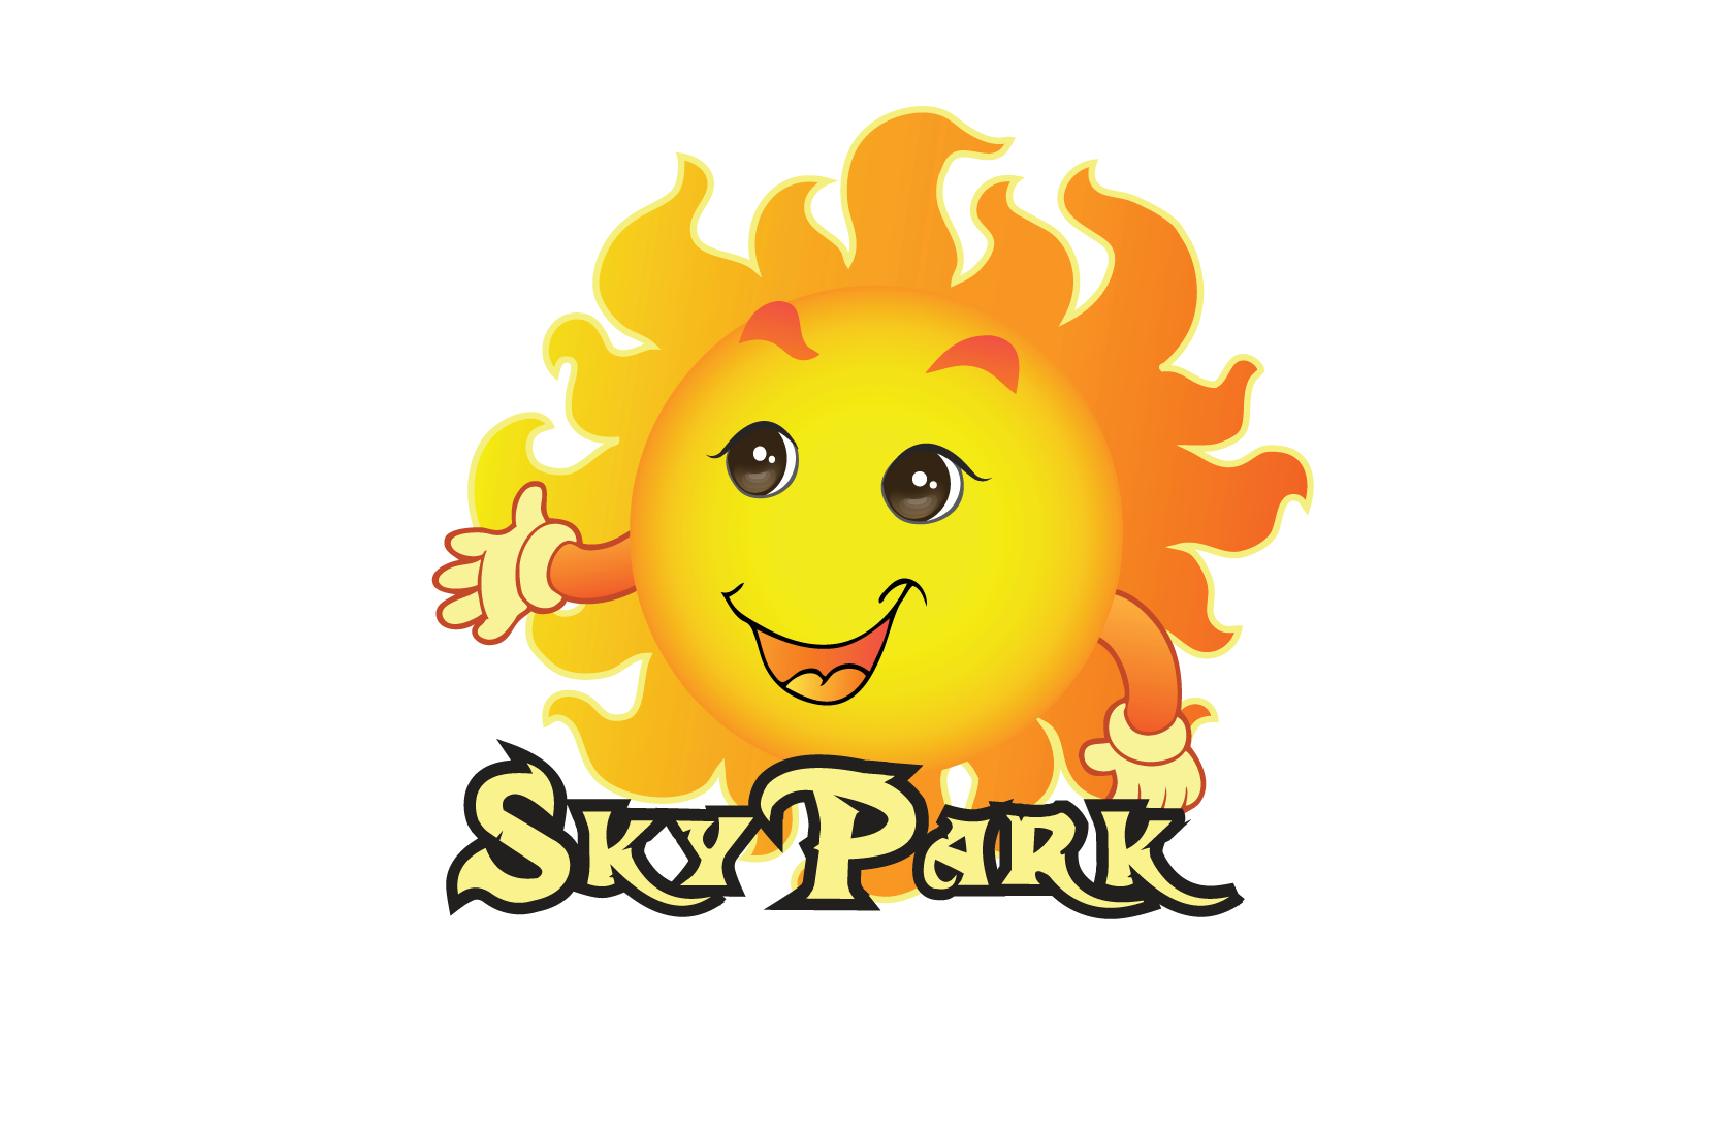 Sky Park